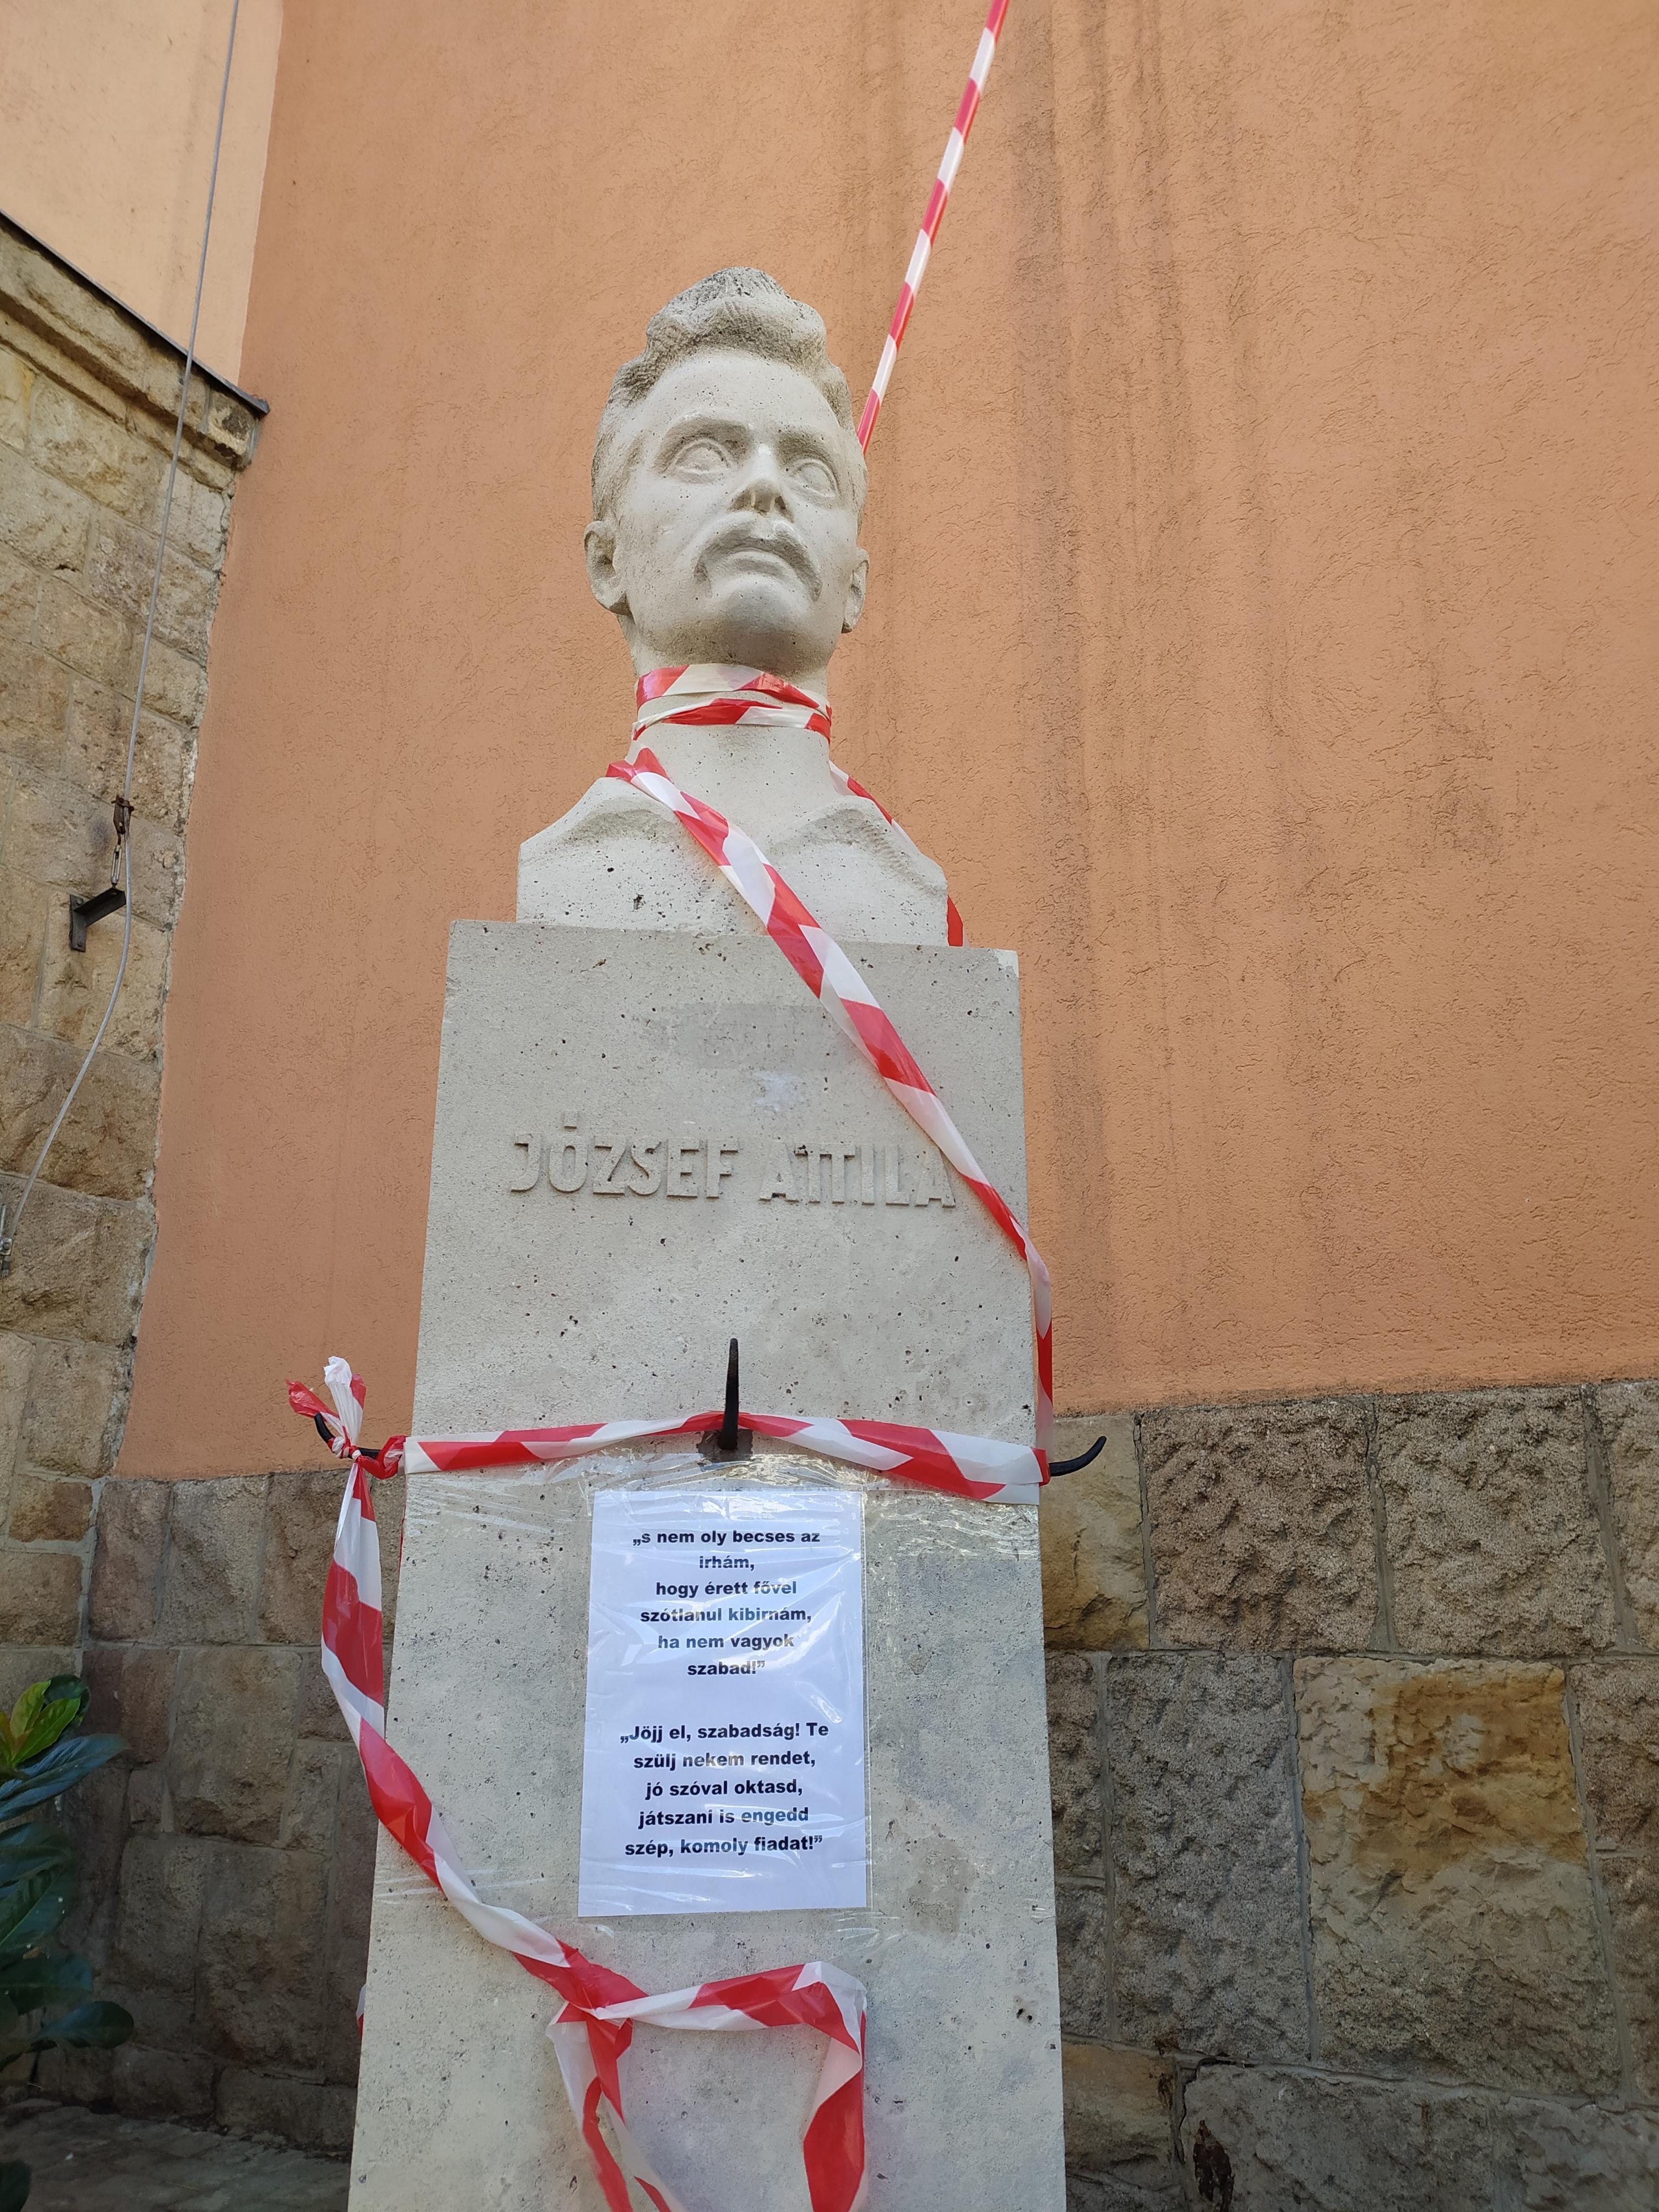 Úgy tiltakozhattak a József Attila gimi diákjai, mint egy ideális világban, aztán jött egy járókelő és bejelentést tett a KLIK-nél